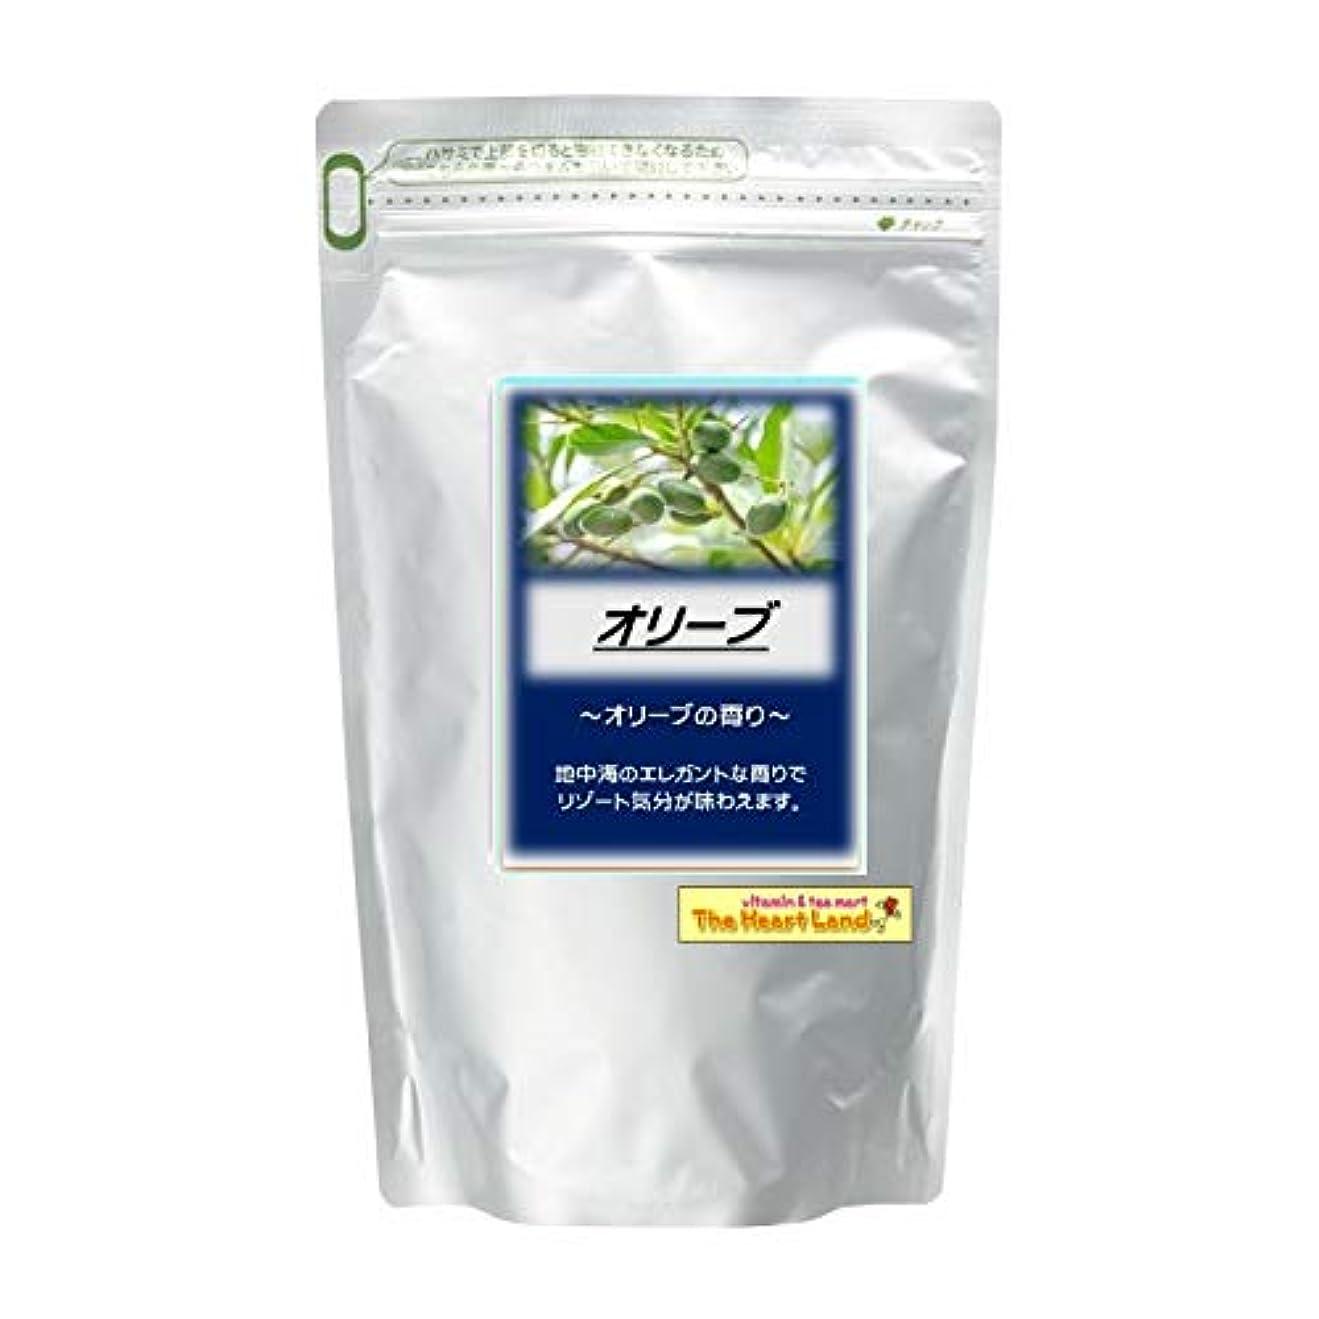 優しさ増幅ひねりアサヒ入浴剤 浴用入浴化粧品 オリーブ 2.5kg